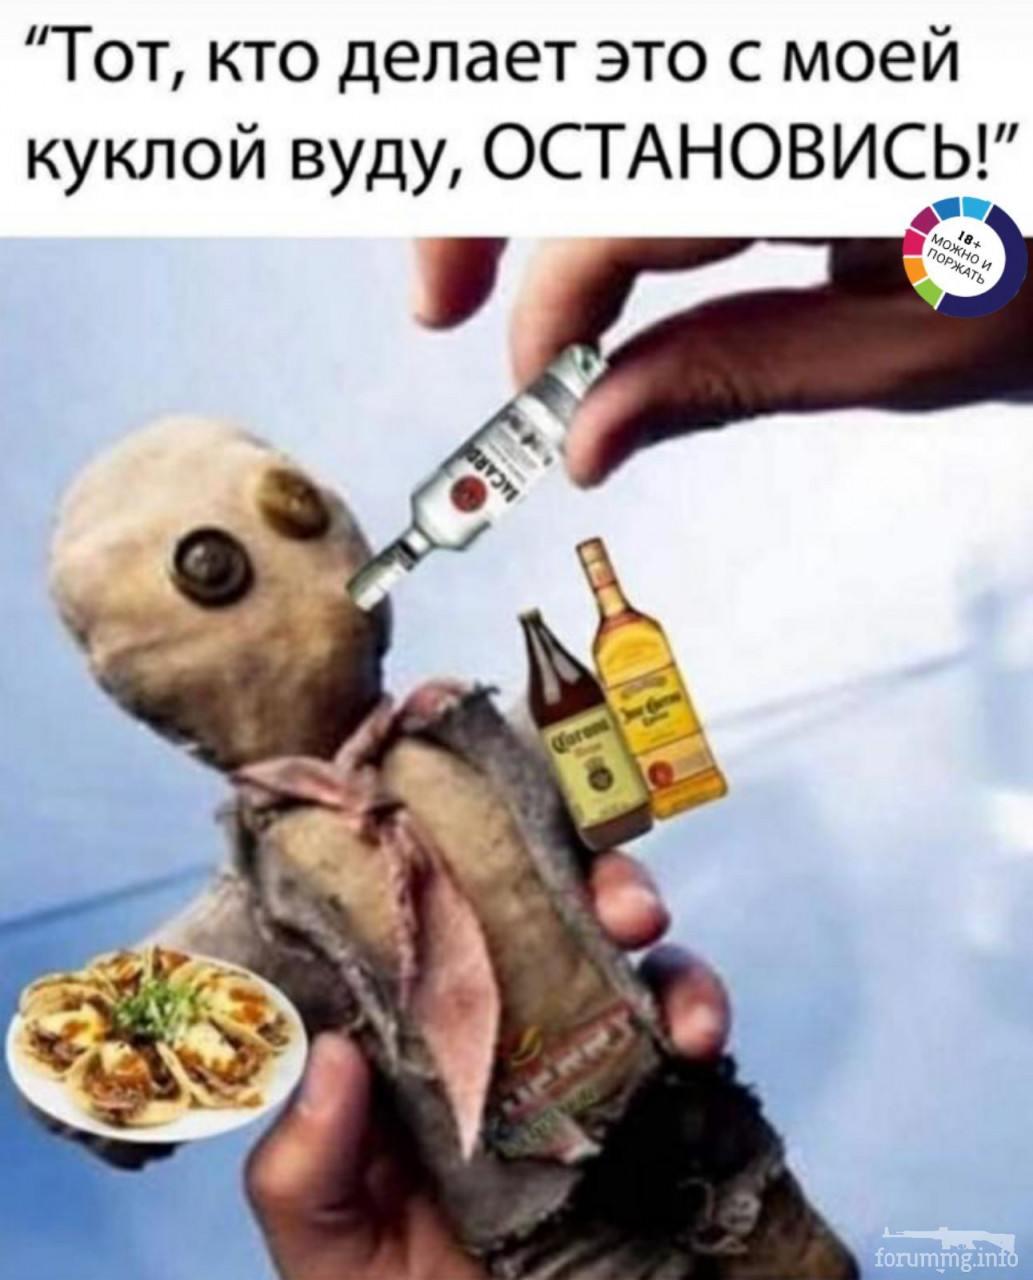 127301 - Пить или не пить? - пятничная алкогольная тема )))